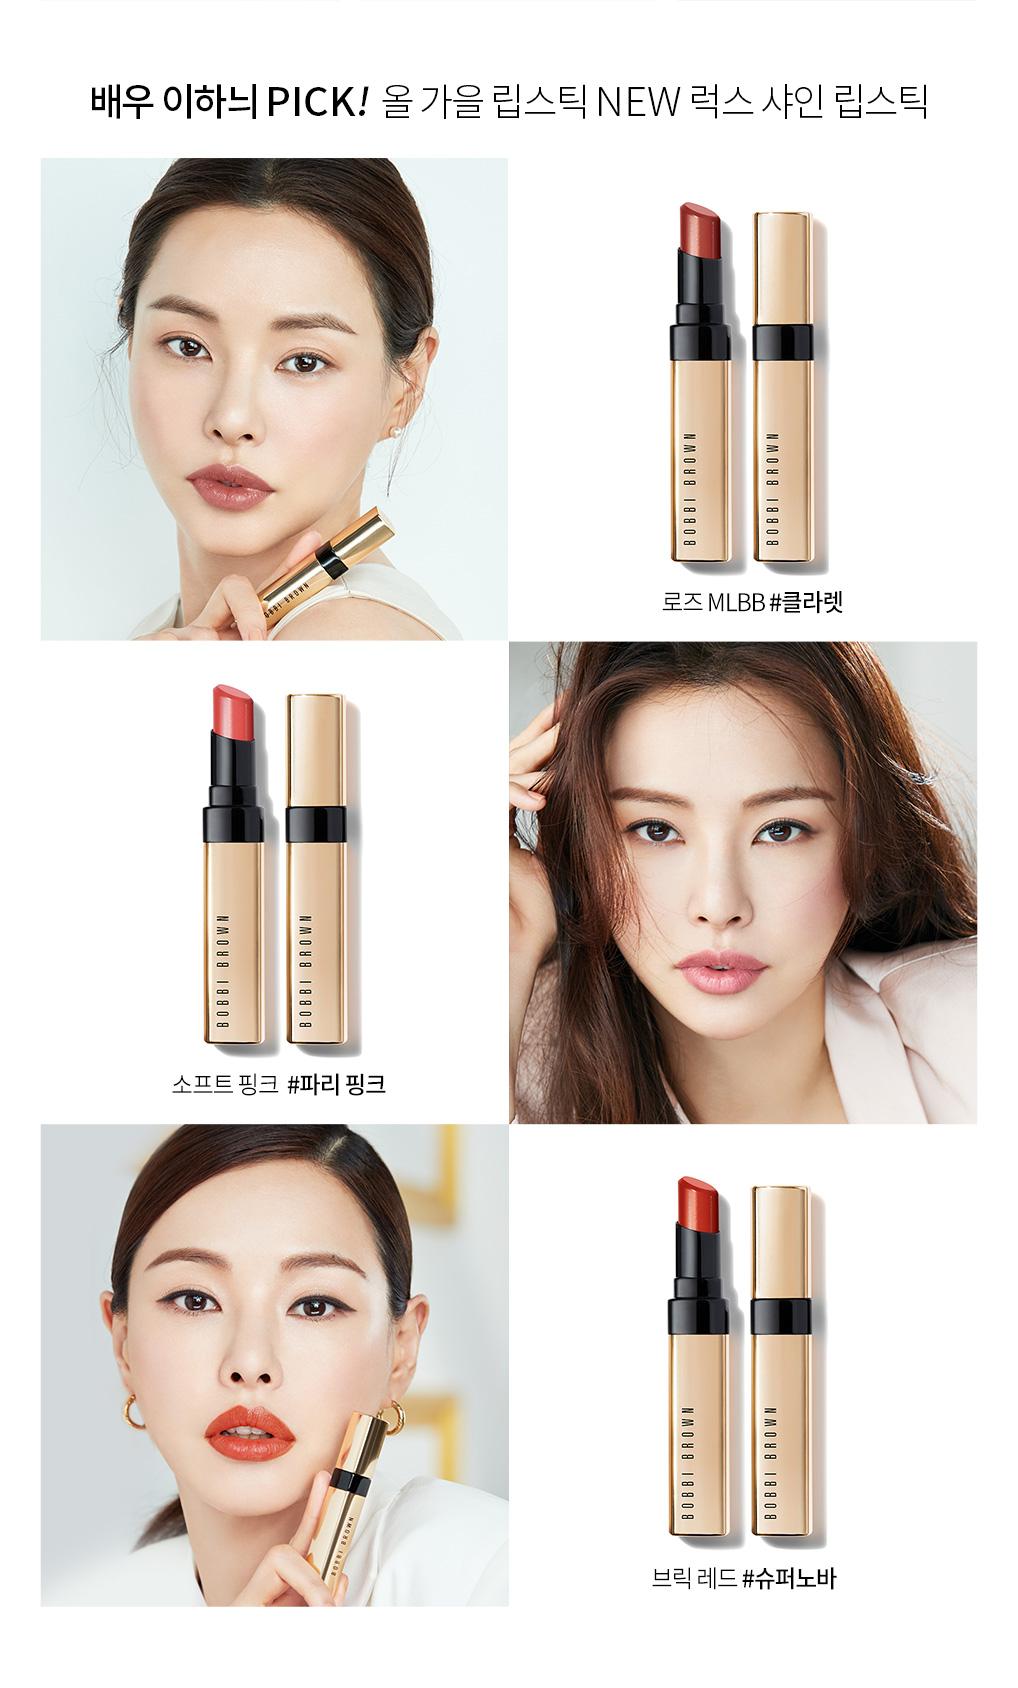 배우 이하늬 PICK! 올 가을 립스틱 NEW 럭스 샤인 립스틱